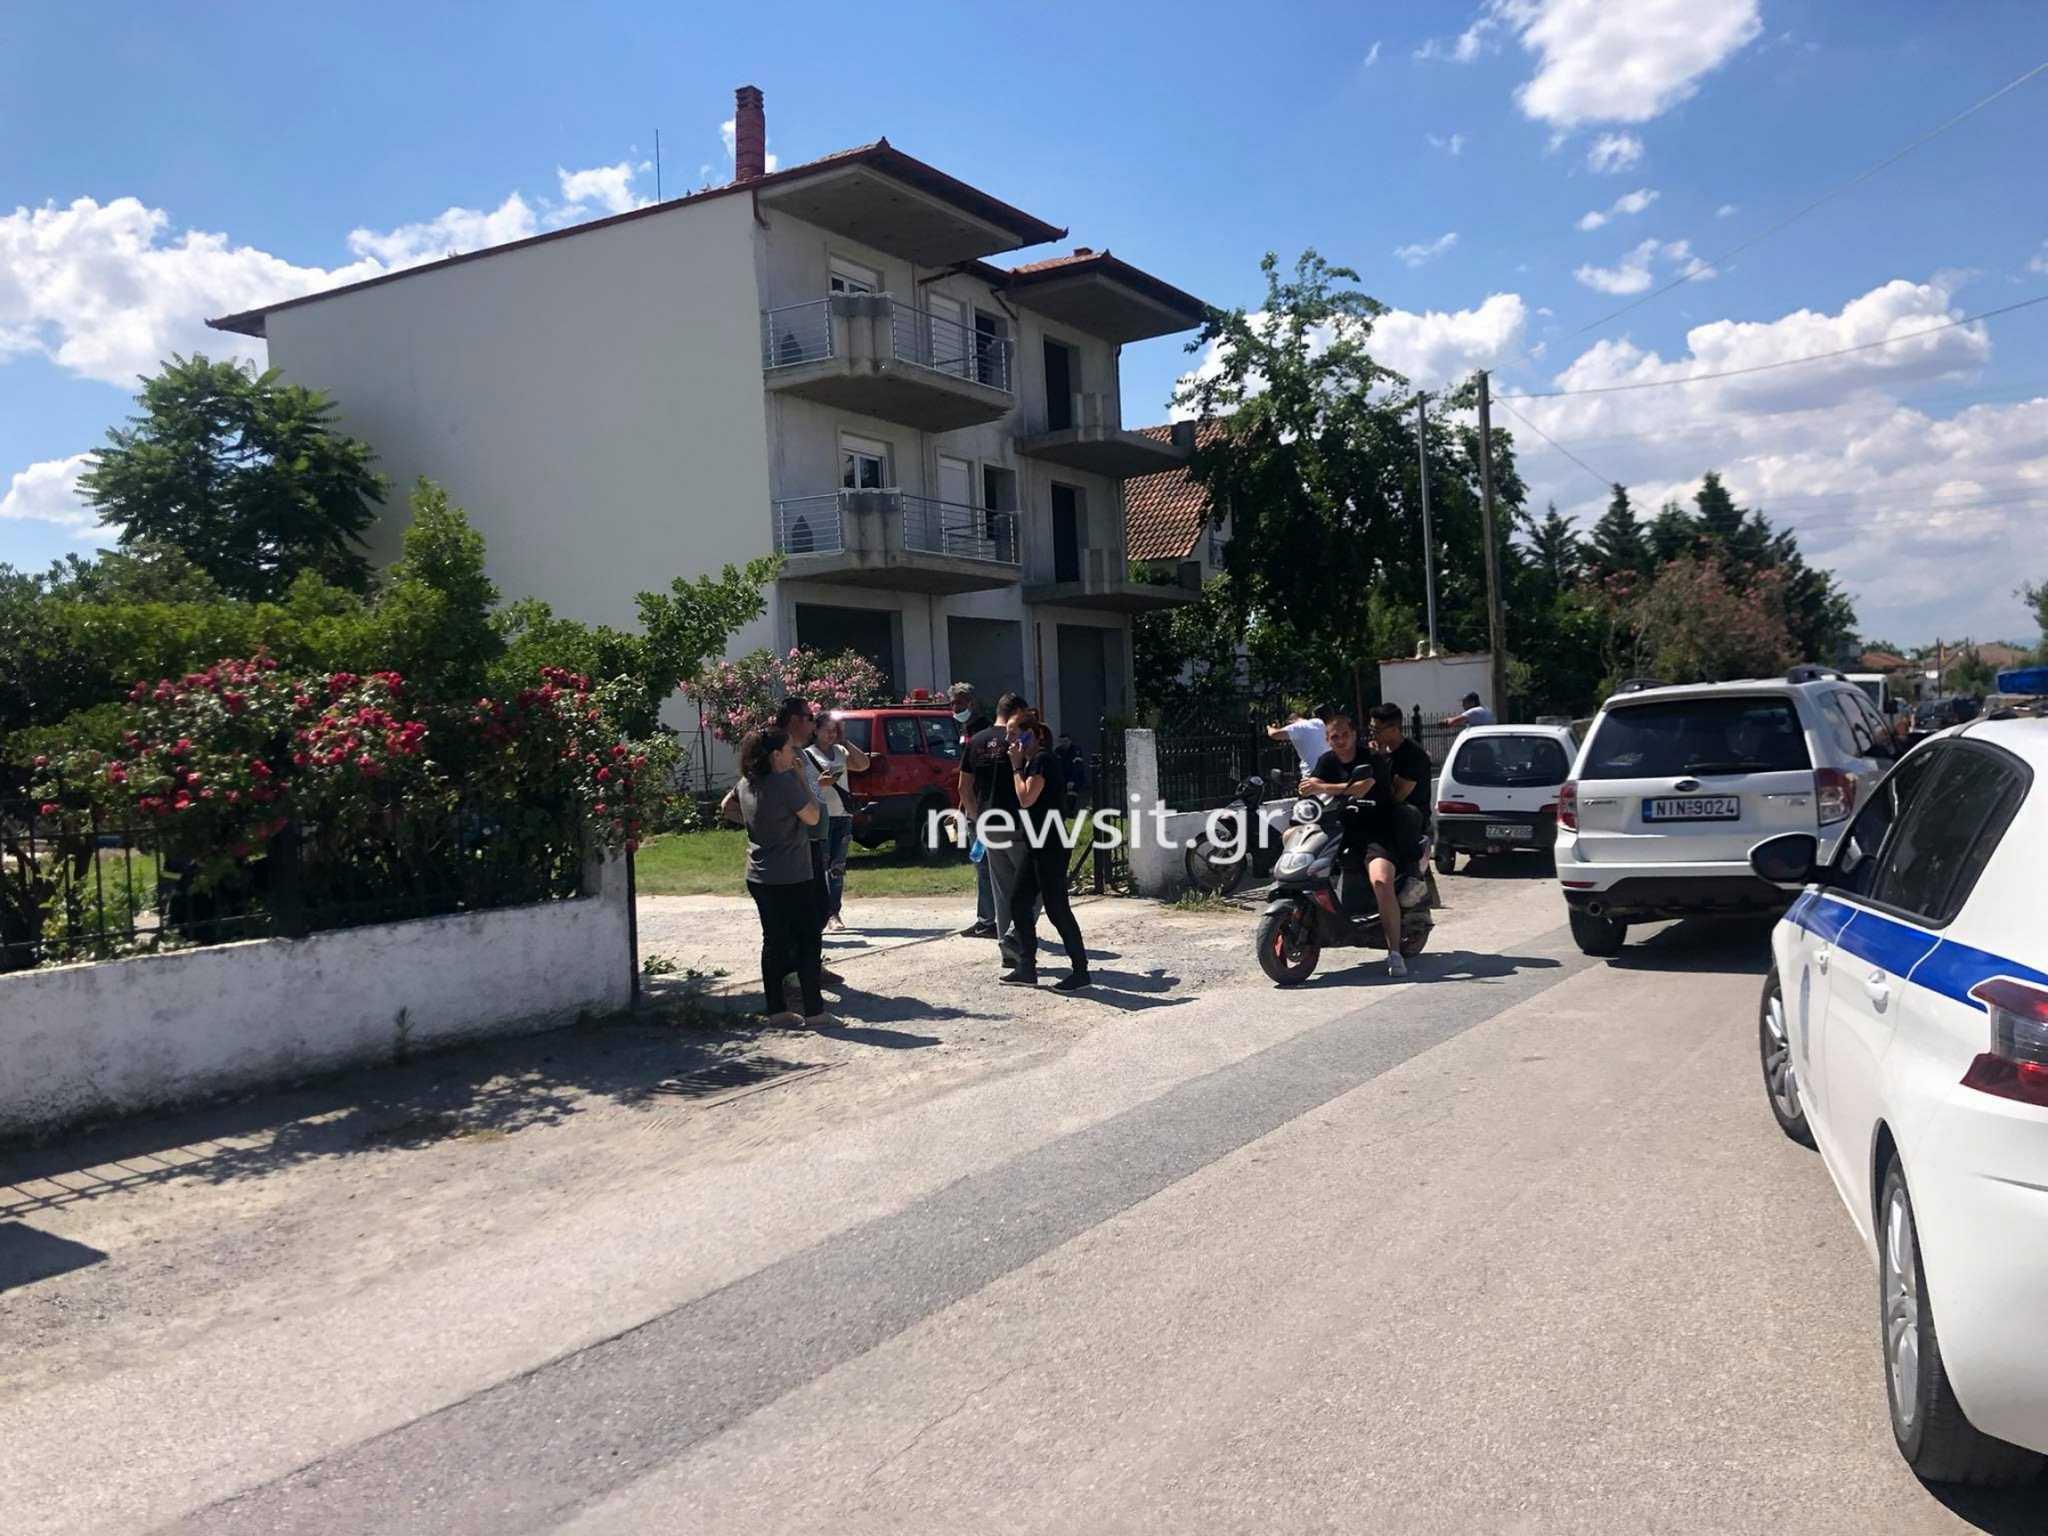 Θεσσαλονίκη: Σήμερα το τελευταίο αντίο στον μικρό Γιωργάκη που έπεσε σε βόθρο και σκοτώθηκε